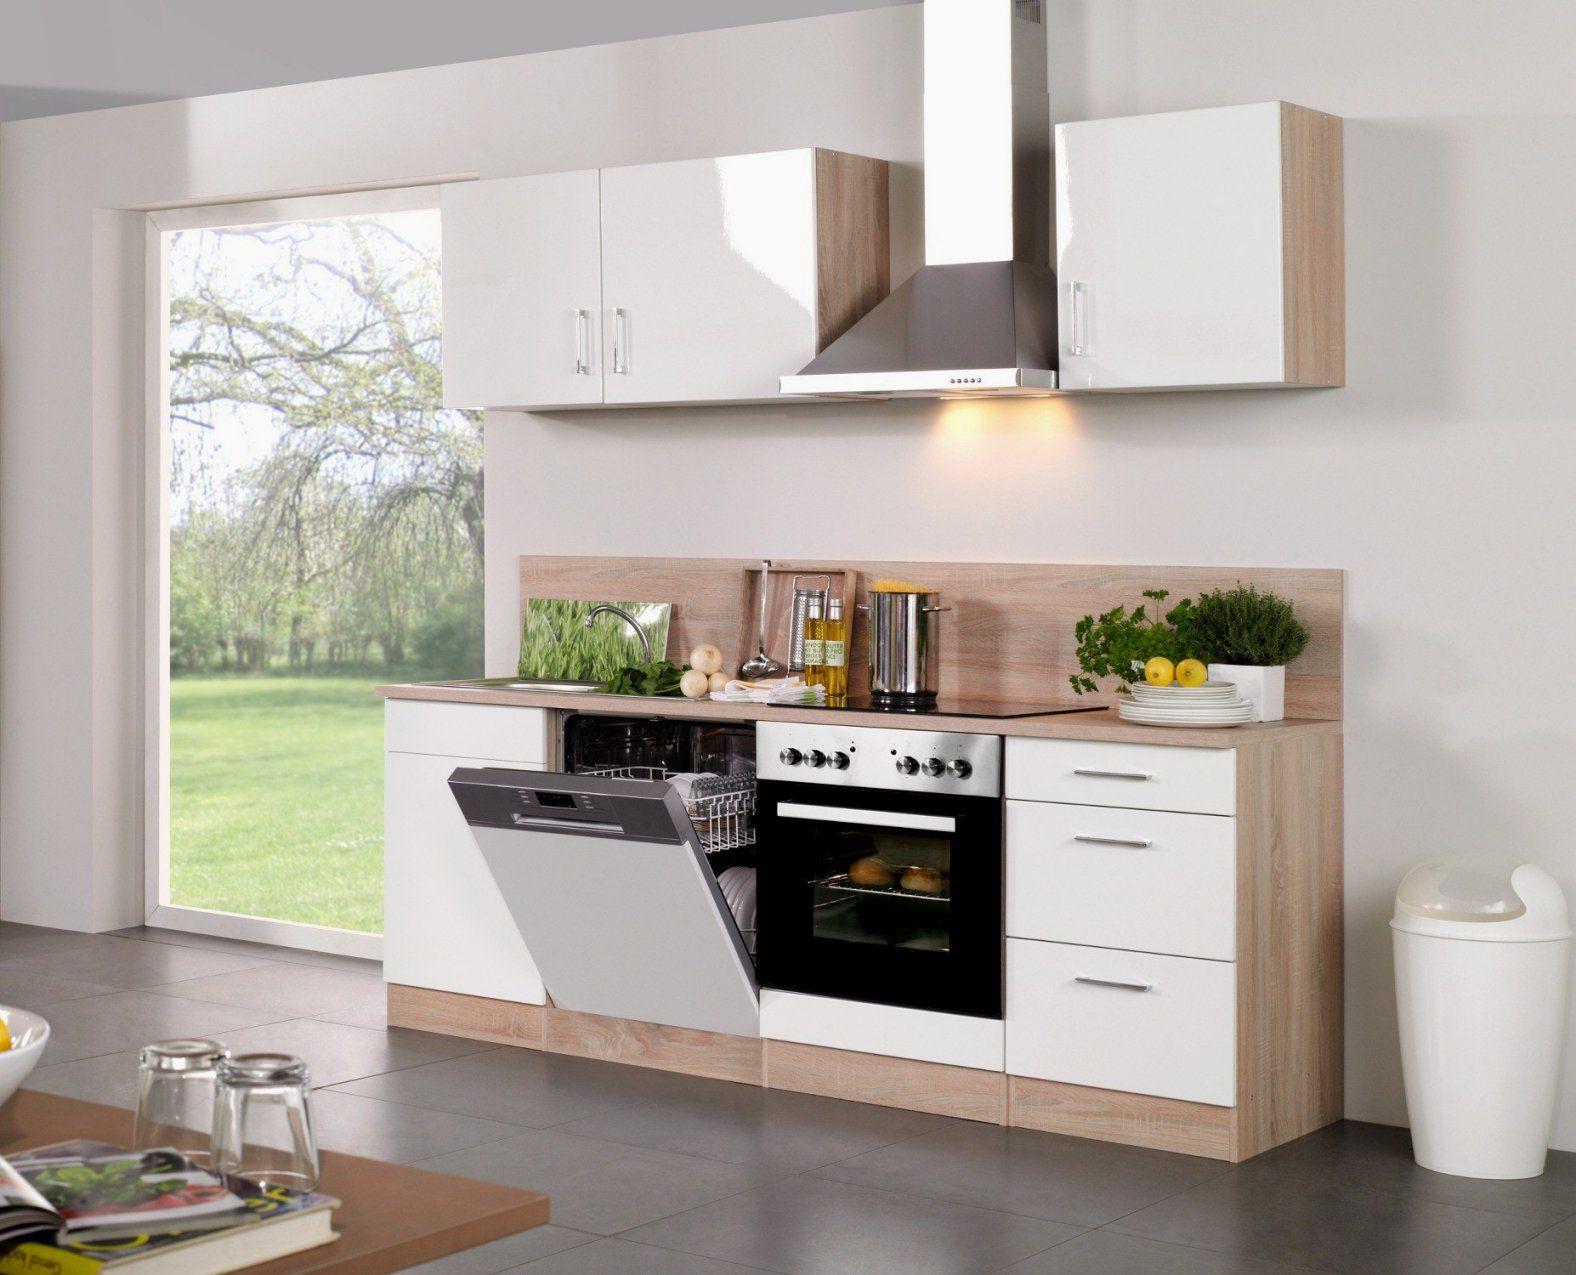 Hausdesign Küchenzeile 240 Cm Mit Kühlschrank Kuchenzeile 220 von Küchenzeile 240 Cm Mit Kühlschrank Photo